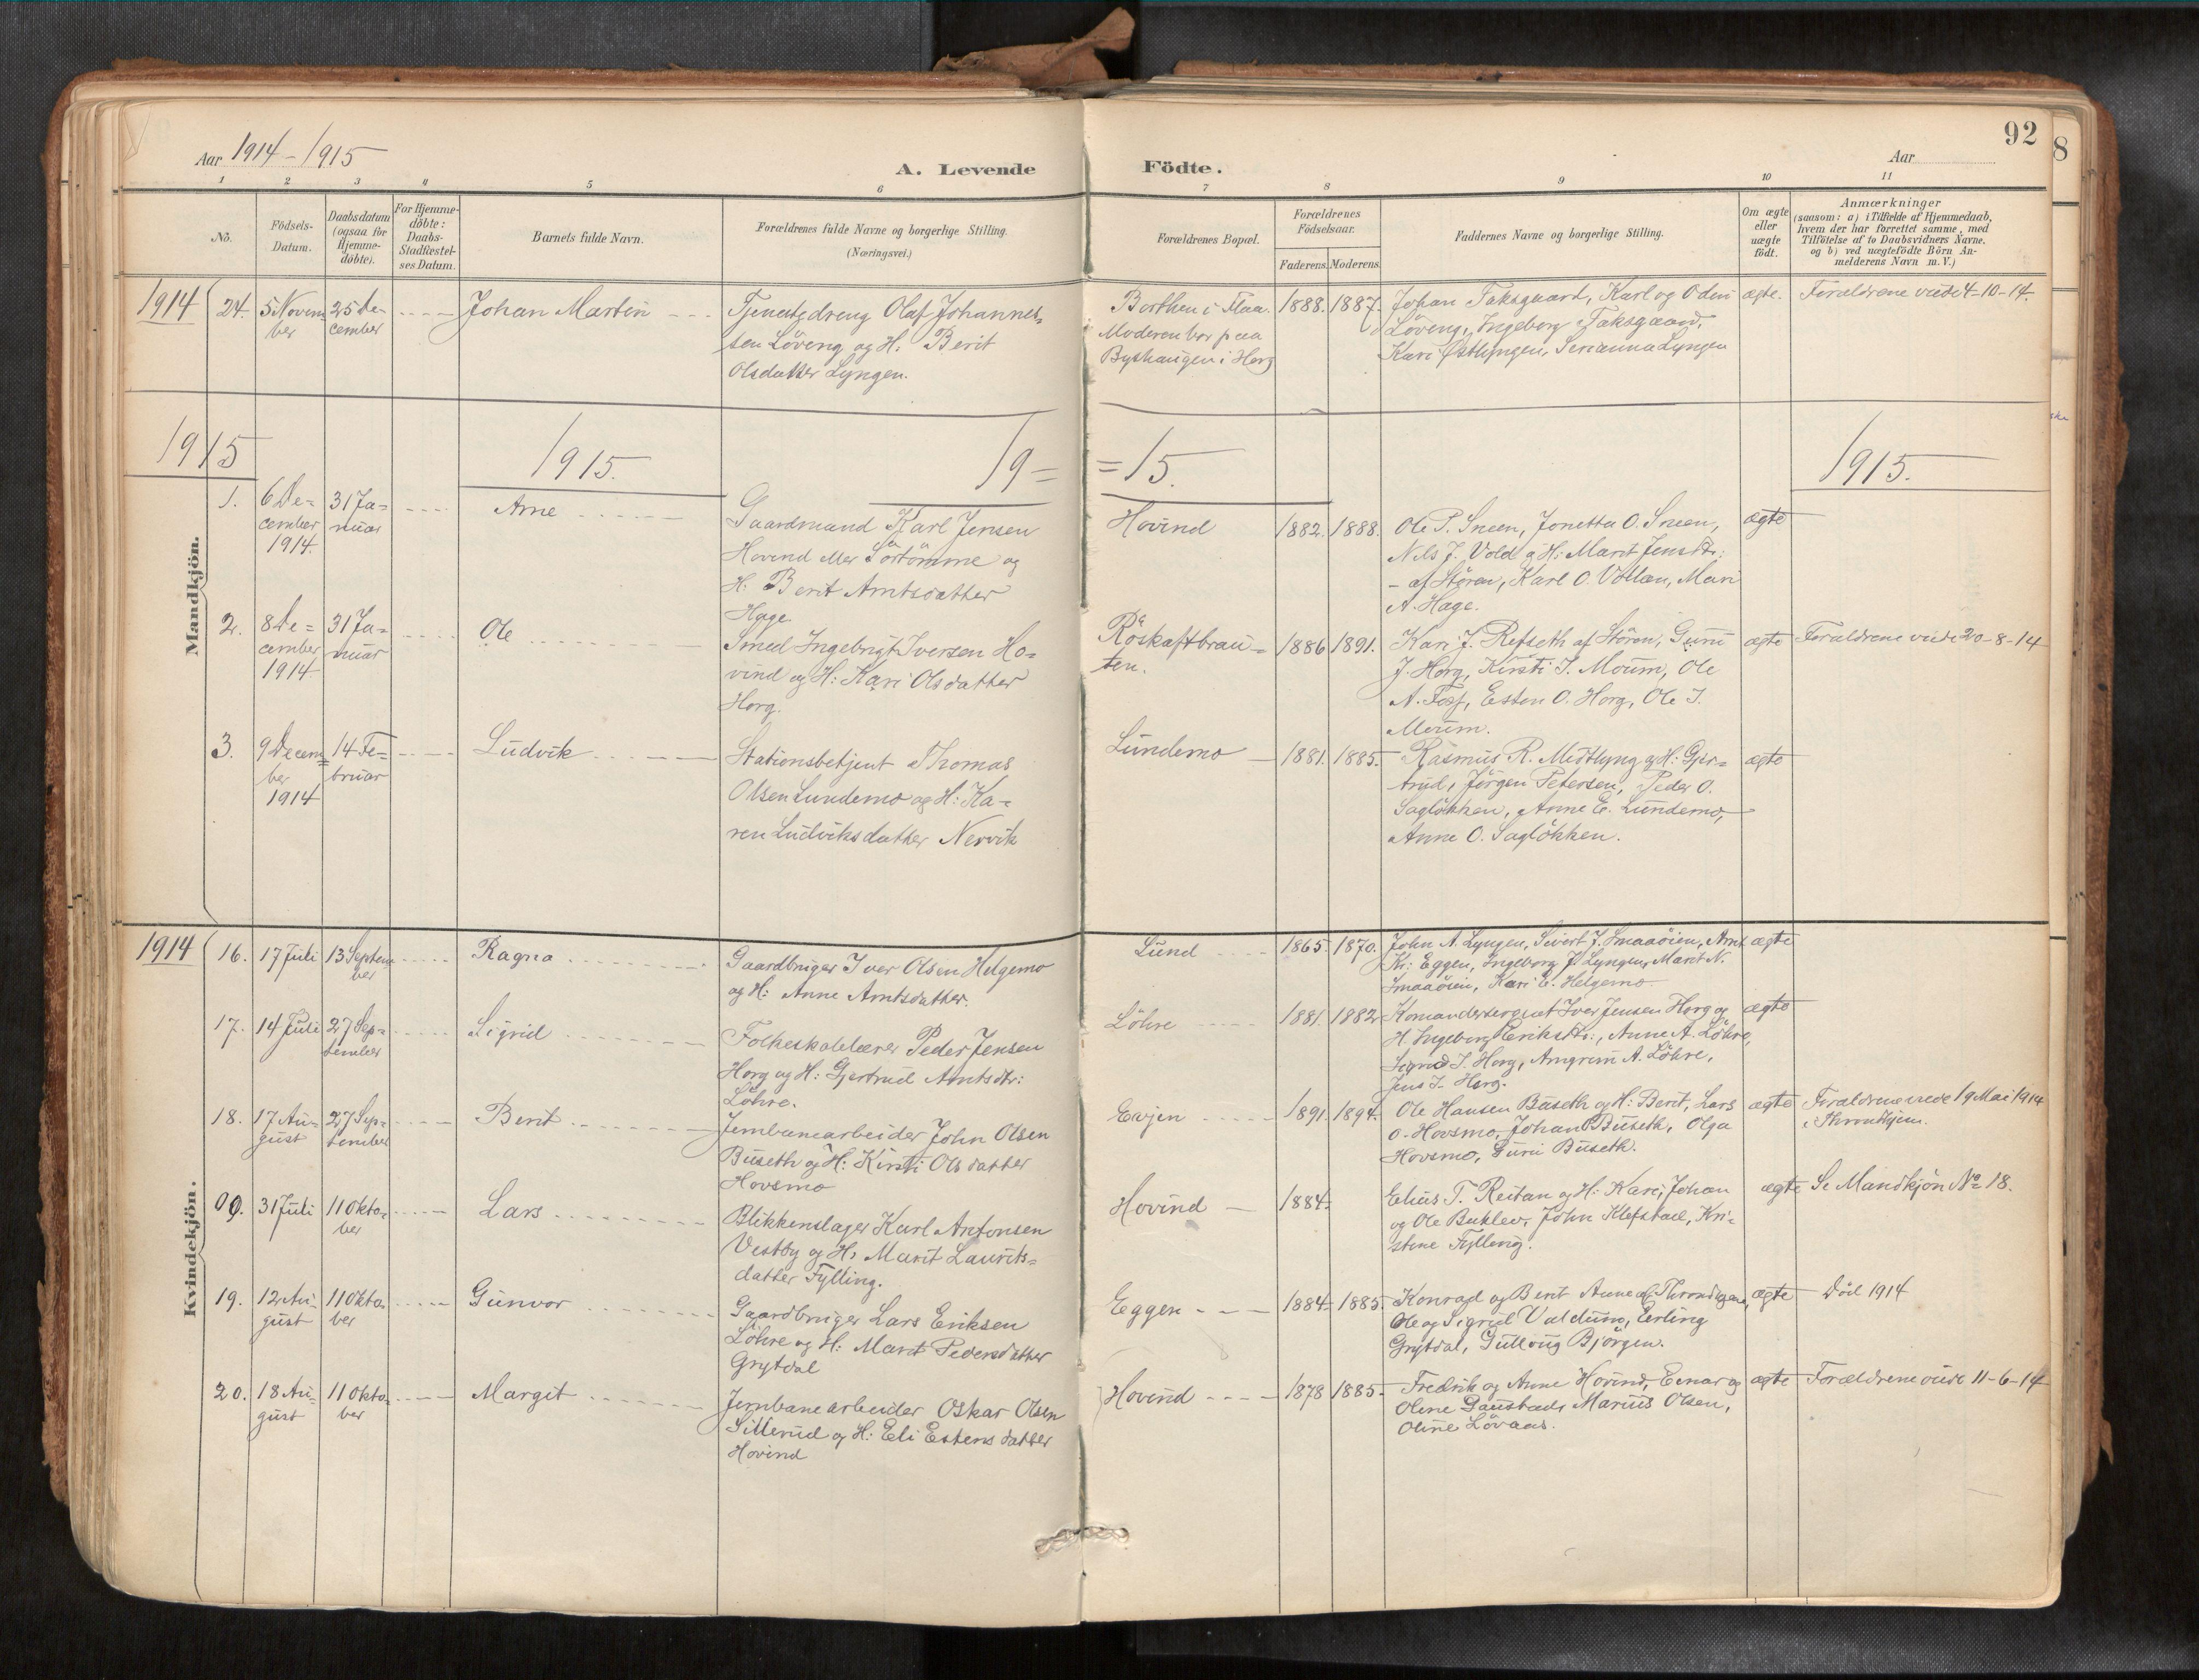 SAT, Ministerialprotokoller, klokkerbøker og fødselsregistre - Sør-Trøndelag, 692/L1105b: Ministerialbok nr. 692A06, 1891-1934, s. 92